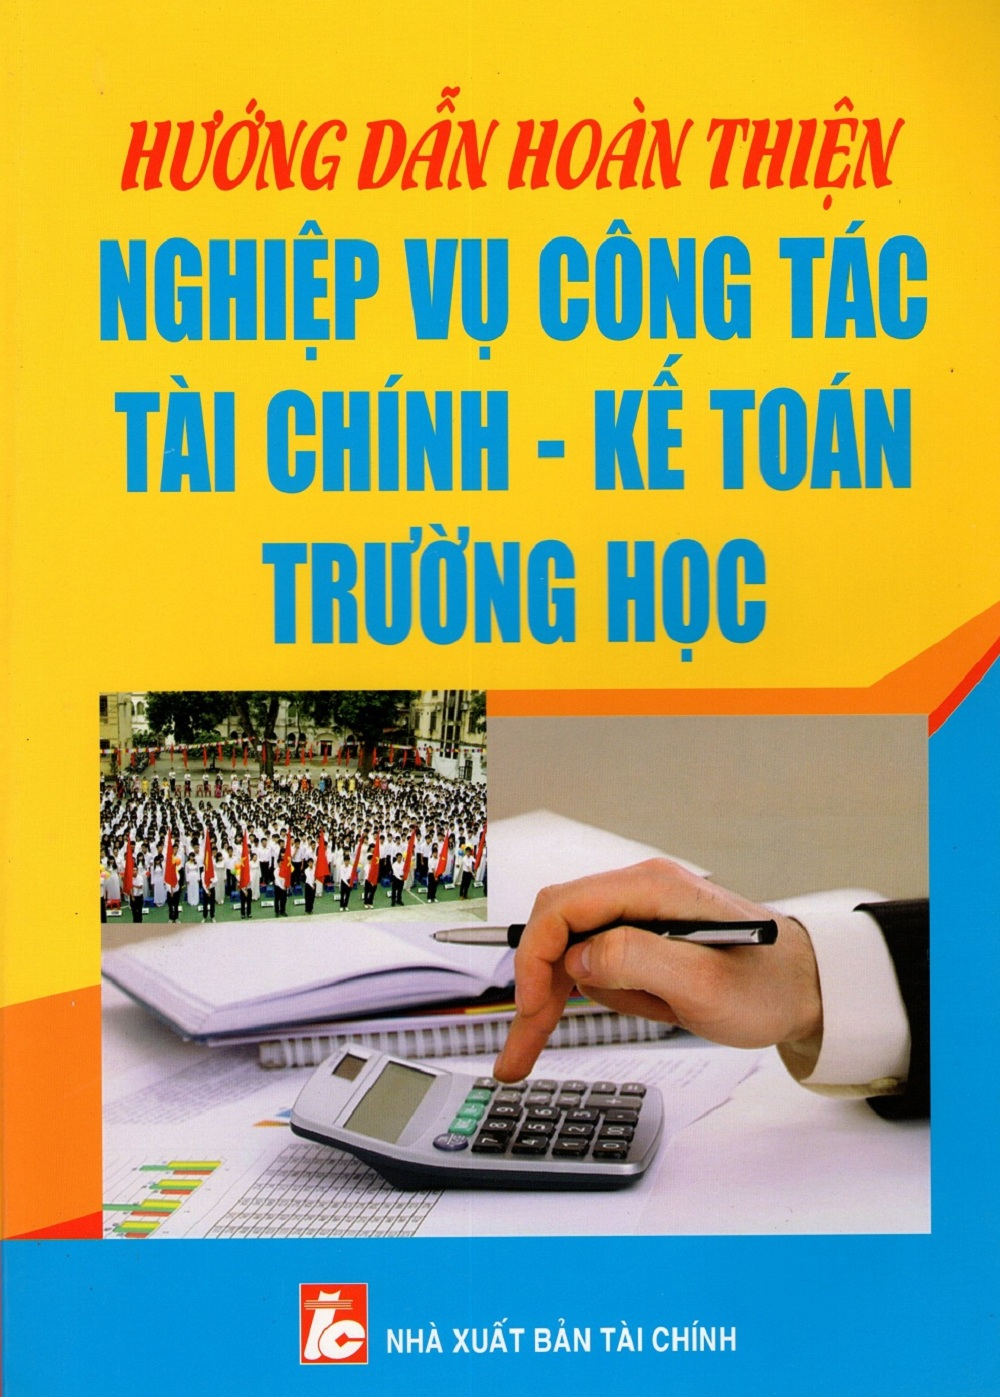 Hướng Dẫn Hoàn Thiện Nghiệp Vụ Công Tác Tài Chính - Kế Toán Trường Học - 9786047902330,62_250685,335000,tiki.vn,Huong-Dan-Hoan-Thien-Nghiep-Vu-Cong-Tac-Tai-Chinh-Ke-Toan-Truong-Hoc-62_250685,Hướng Dẫn Hoàn Thiện Nghiệp Vụ Công Tác Tài Chính - Kế Toán Trường Học